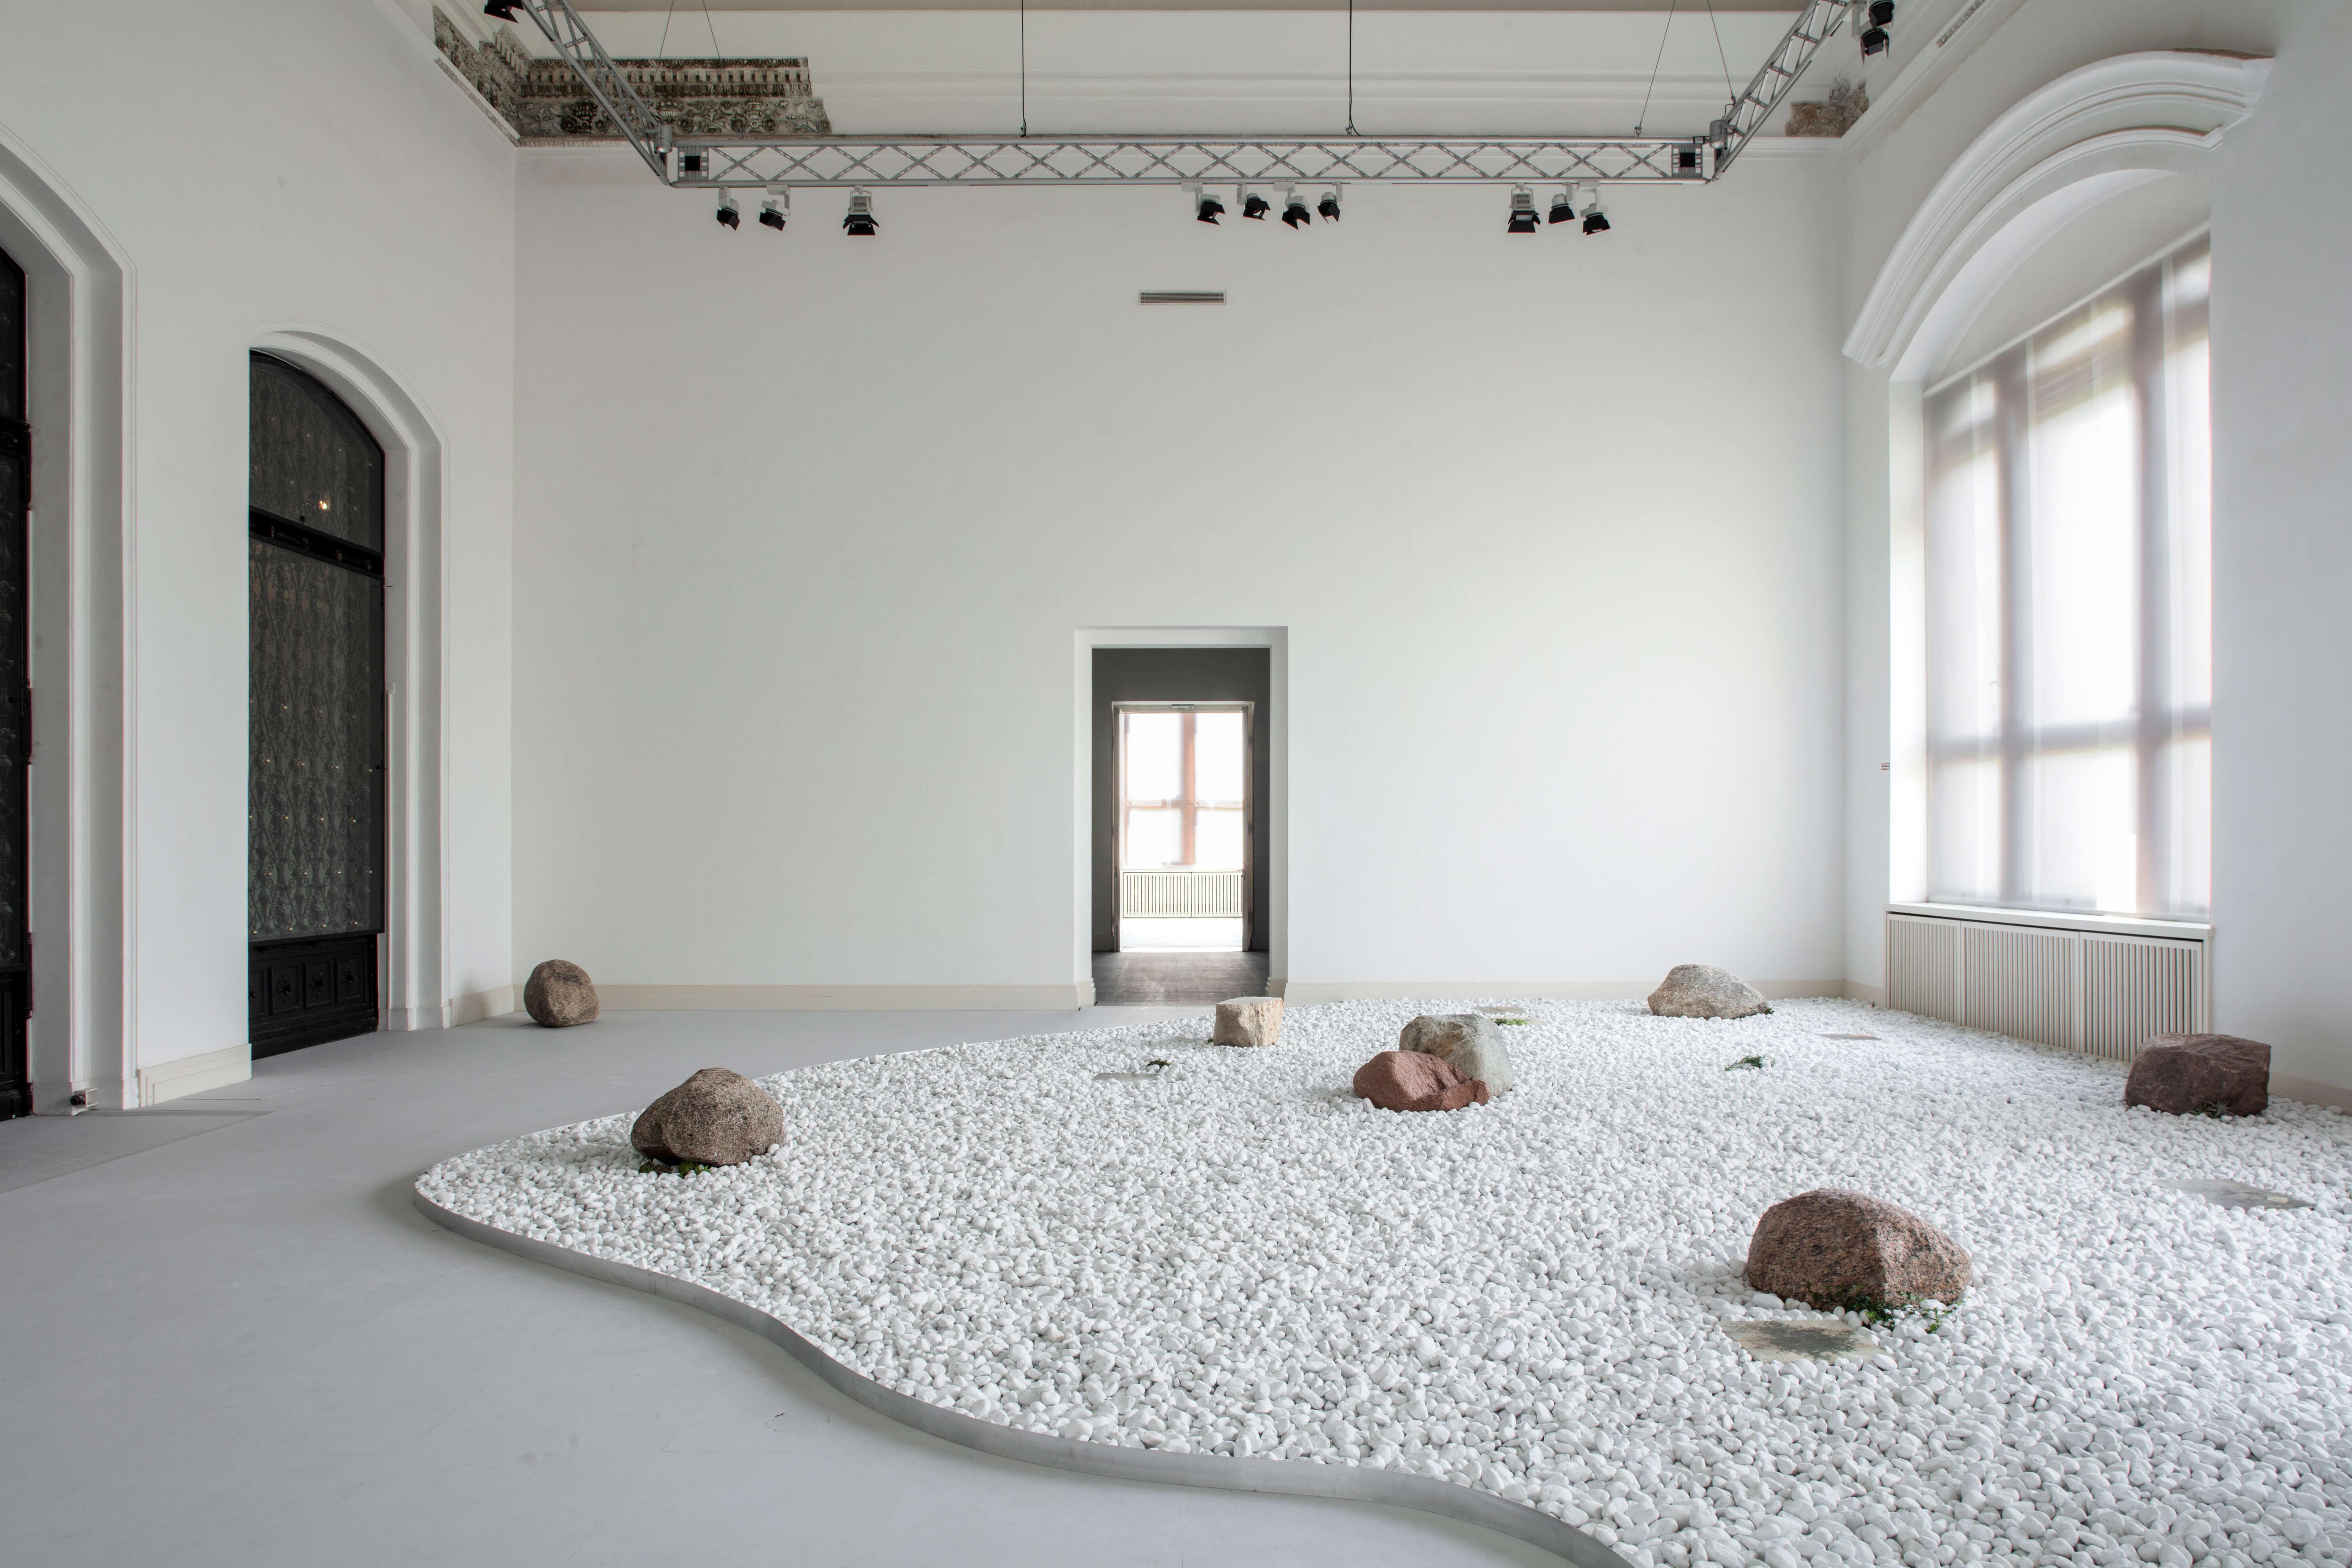 Blick in einen weißen Raum, in dem ein Feld weißer Steine liegen.